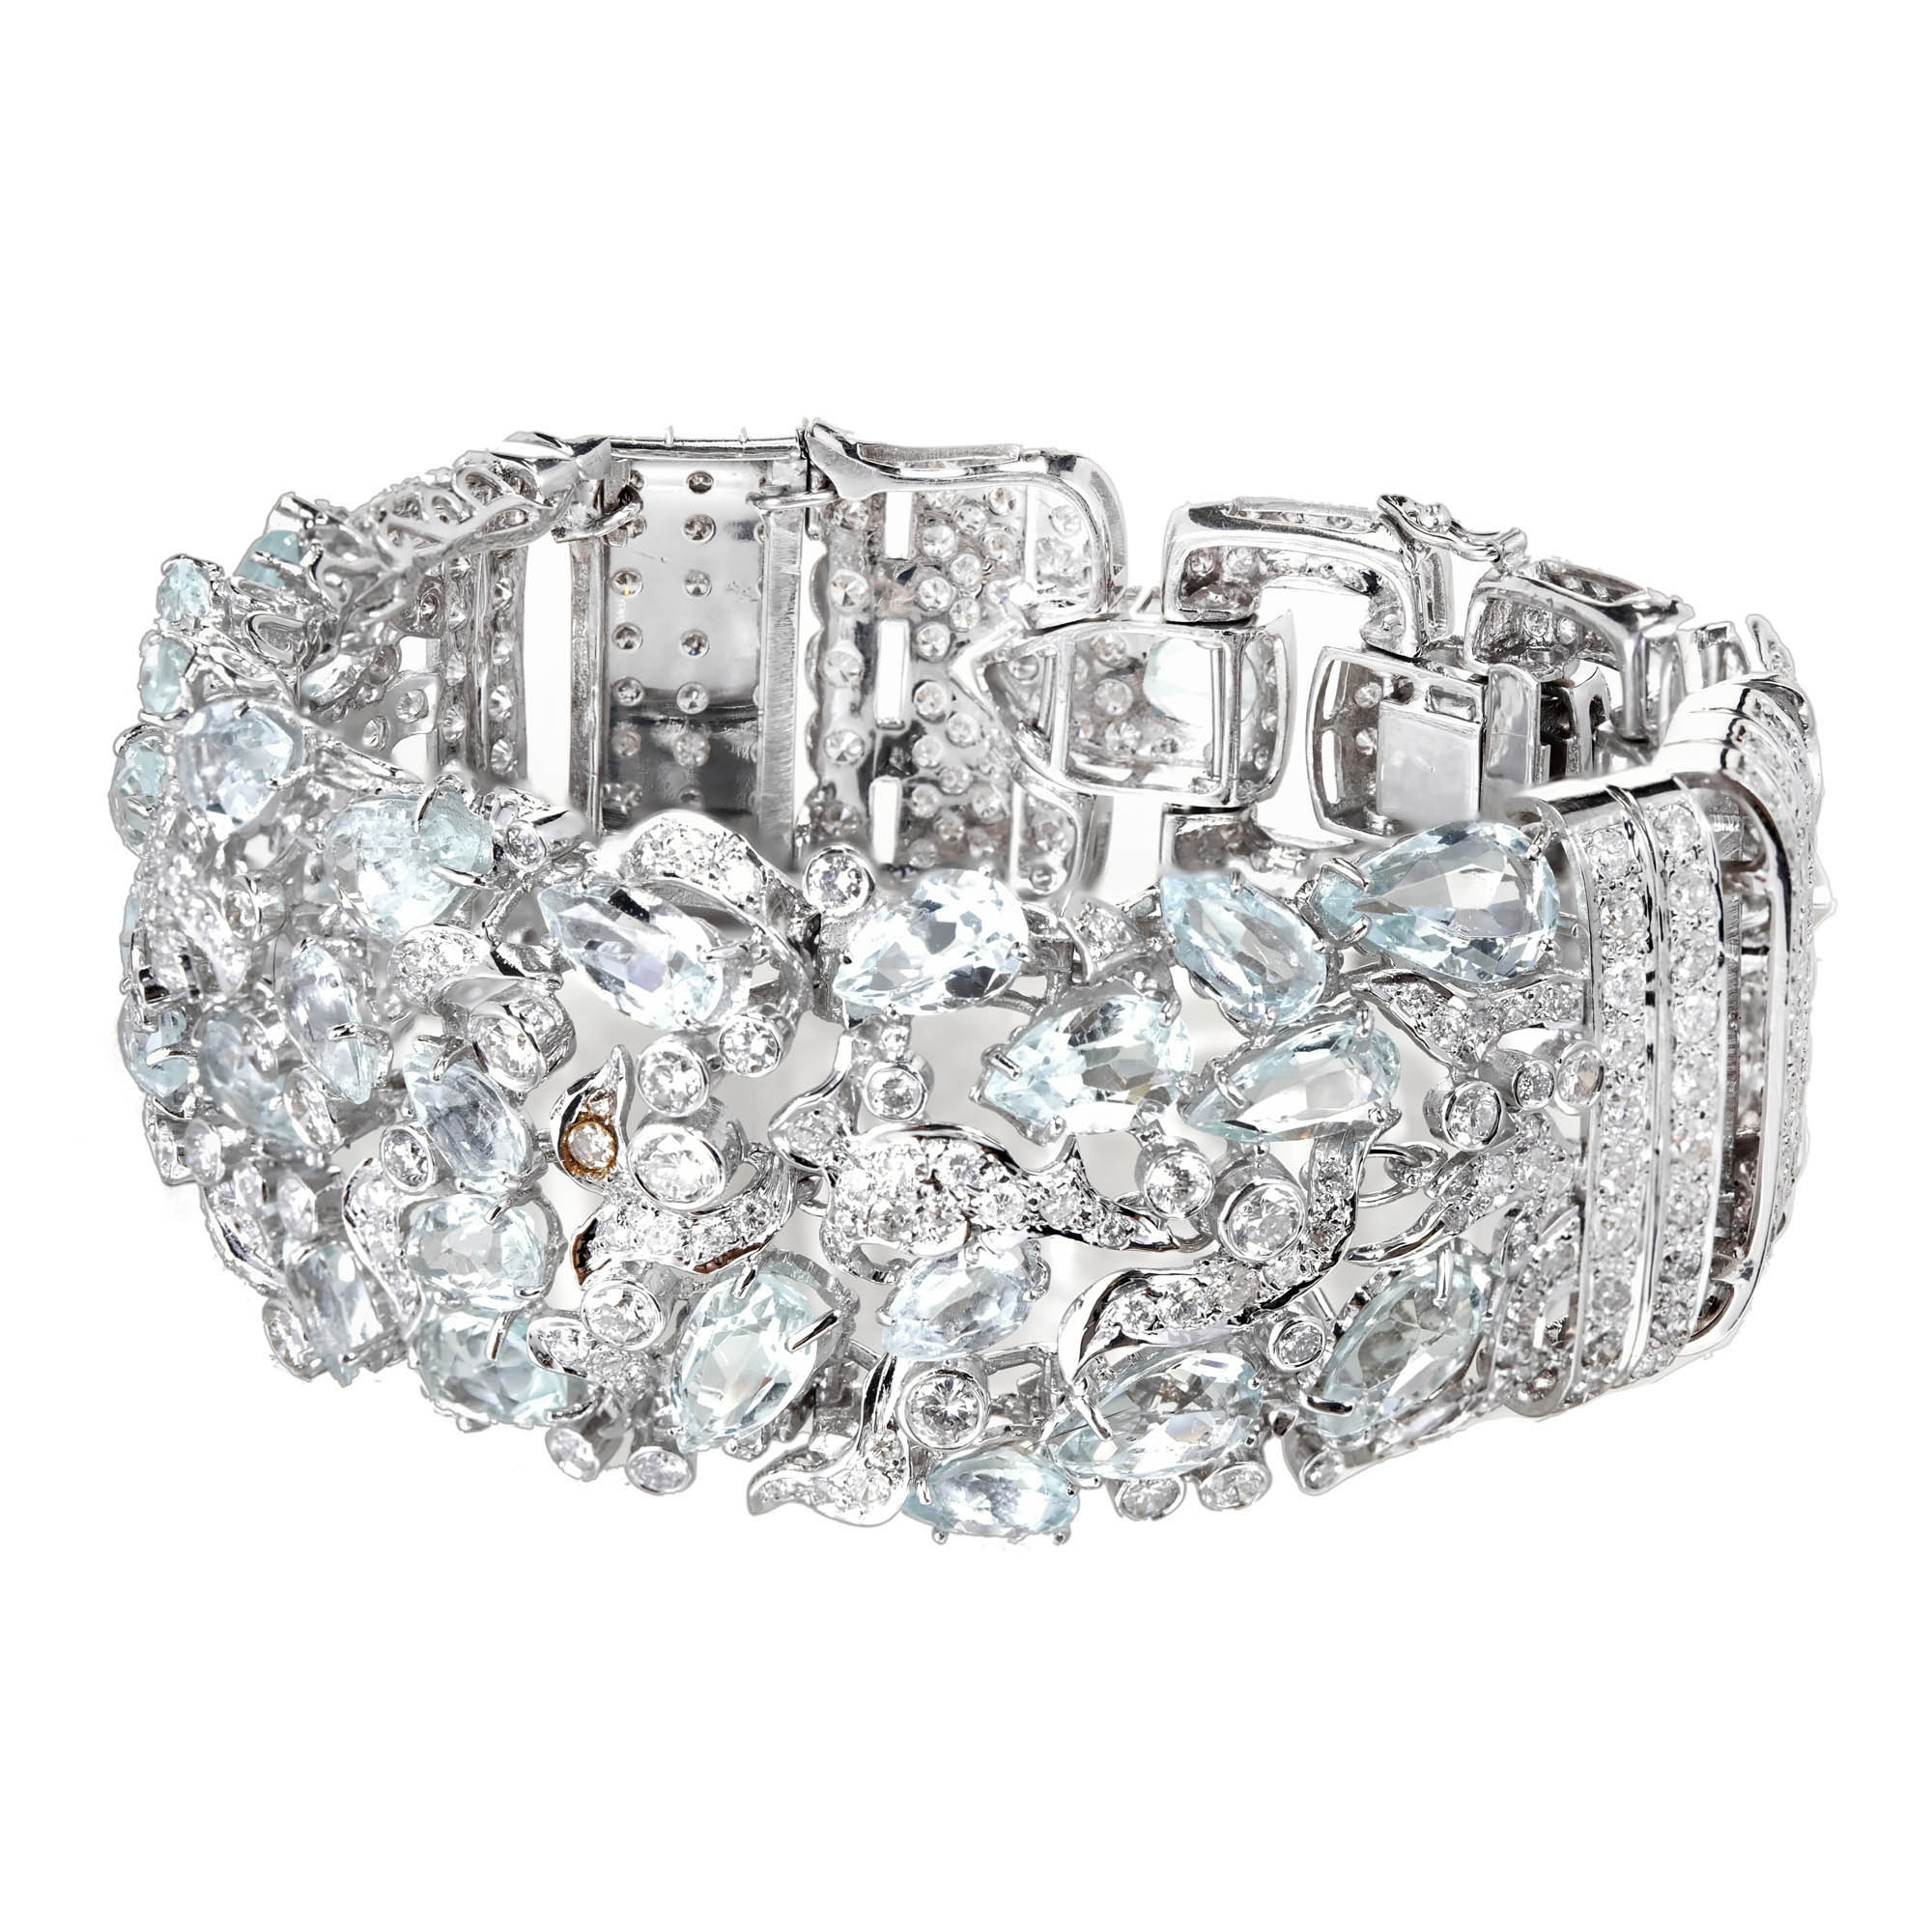 """""""""""18K White Gold with Aquamarine and Diamond Bracelet"""""""""""" 2139747"""